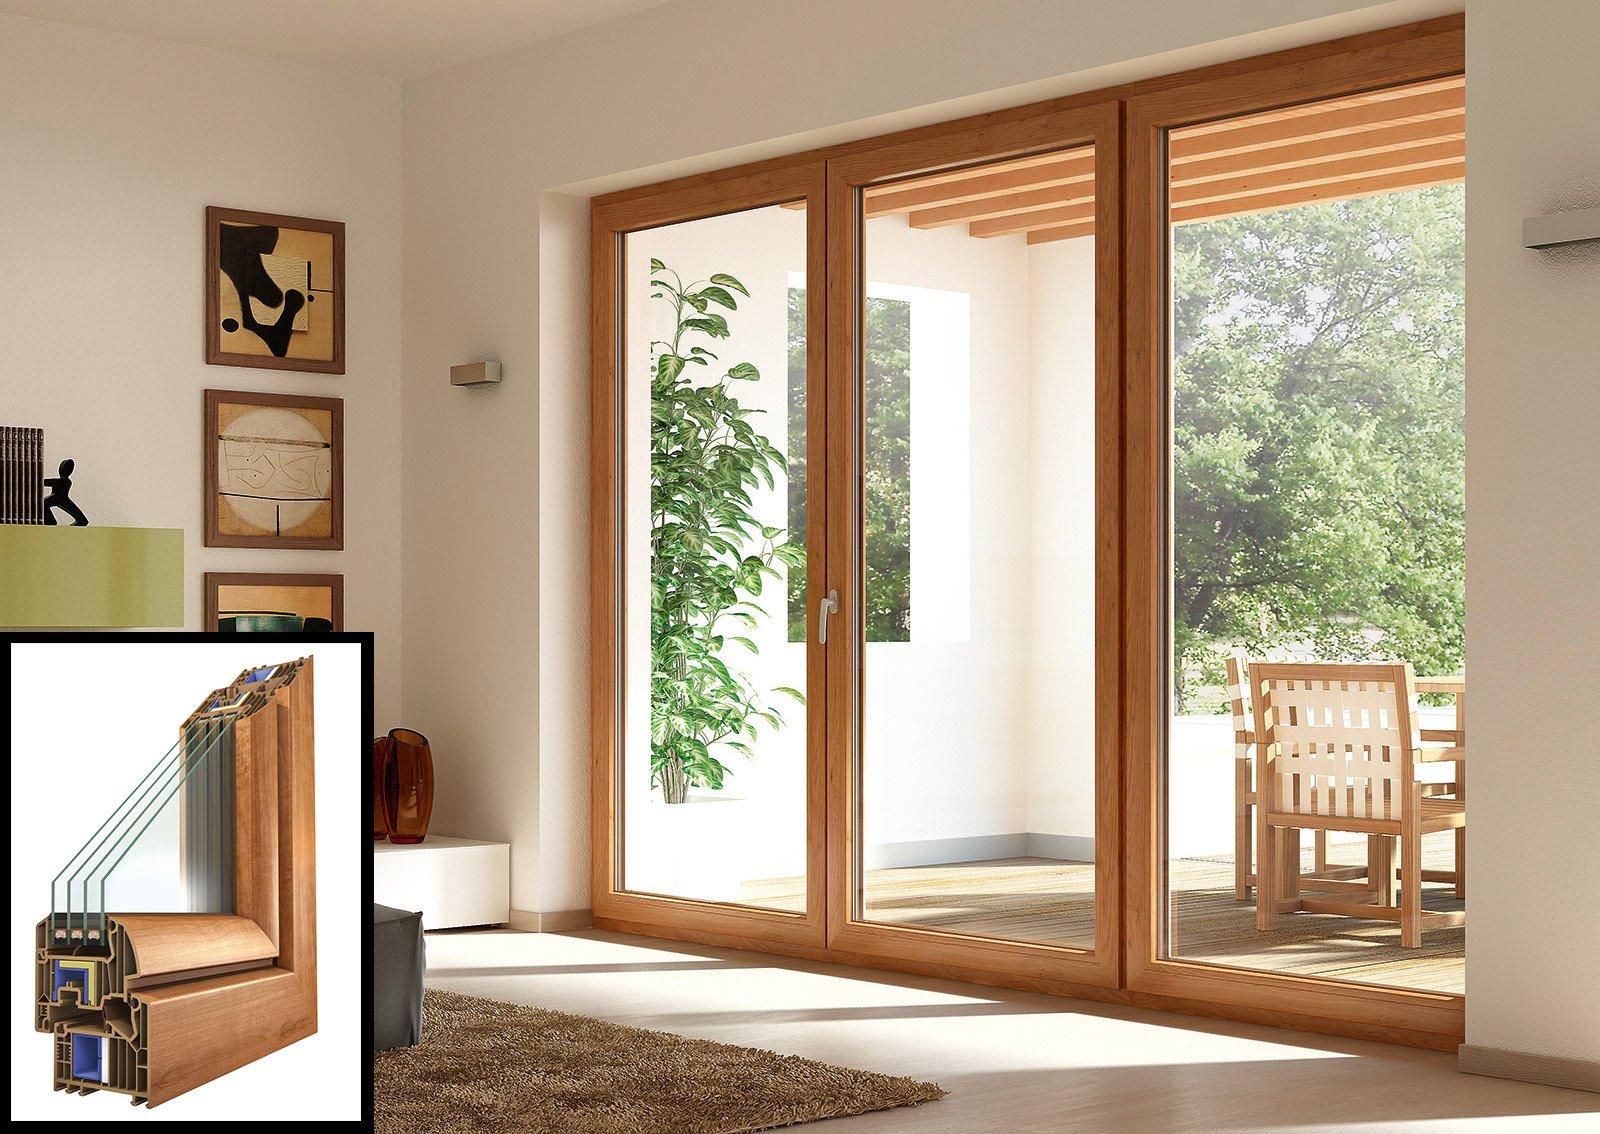 Scegliere le finestre isolanti per evitare dispersione e for Modelli di casa gratuiti